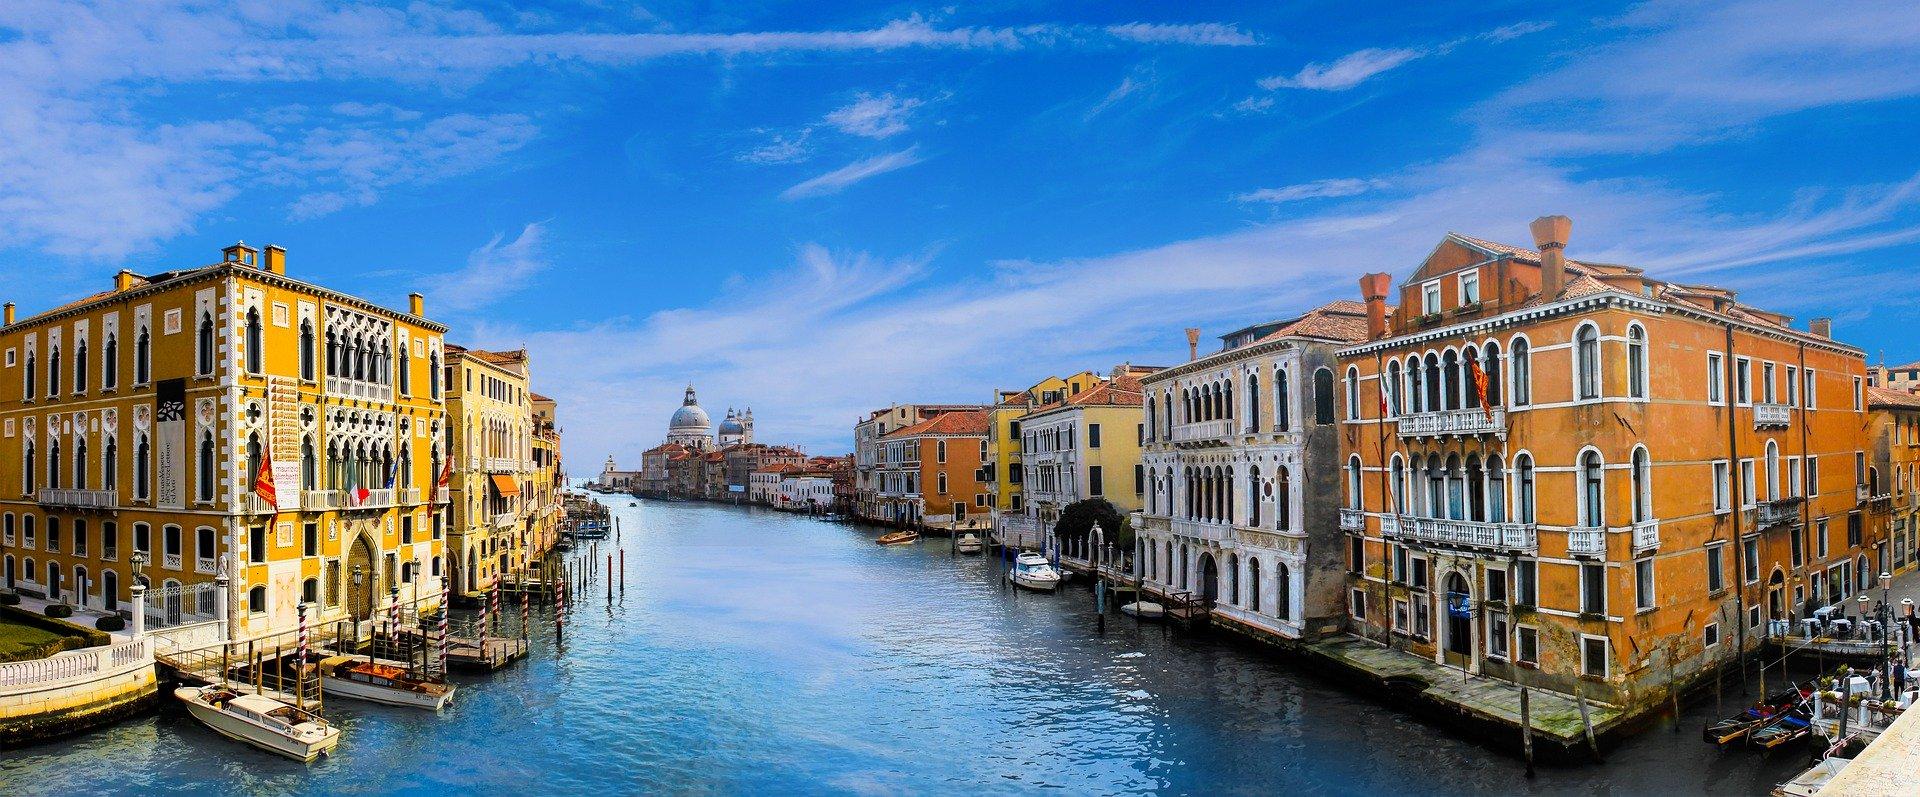 Städtereise Venedig: Empfehlungen & Vergleich (11/20)